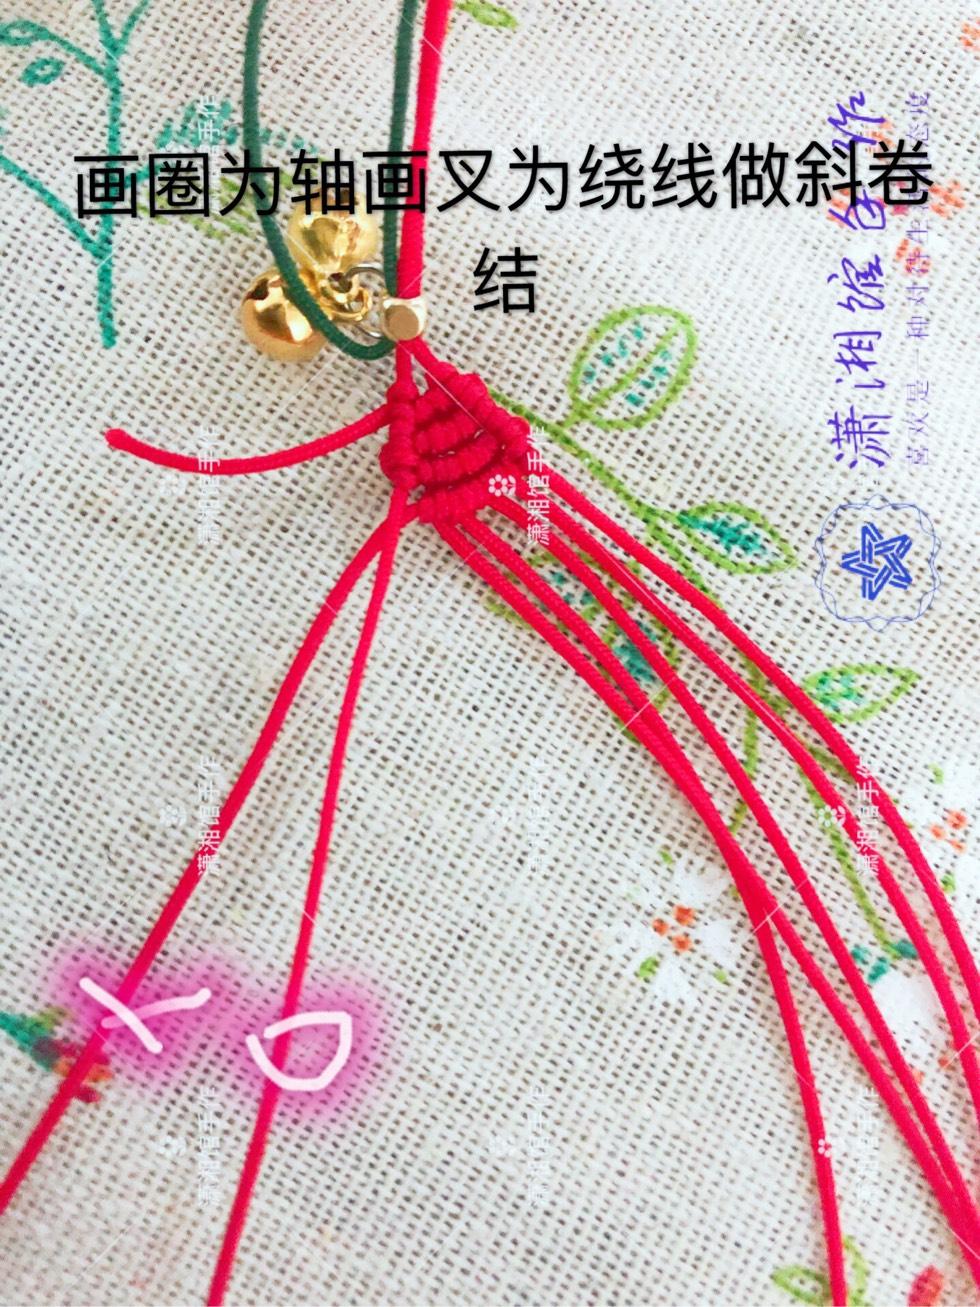 中国结论坛 圣诞节蝴蝶结手链  图文教程区 114904bk8rkj5s5817p29k